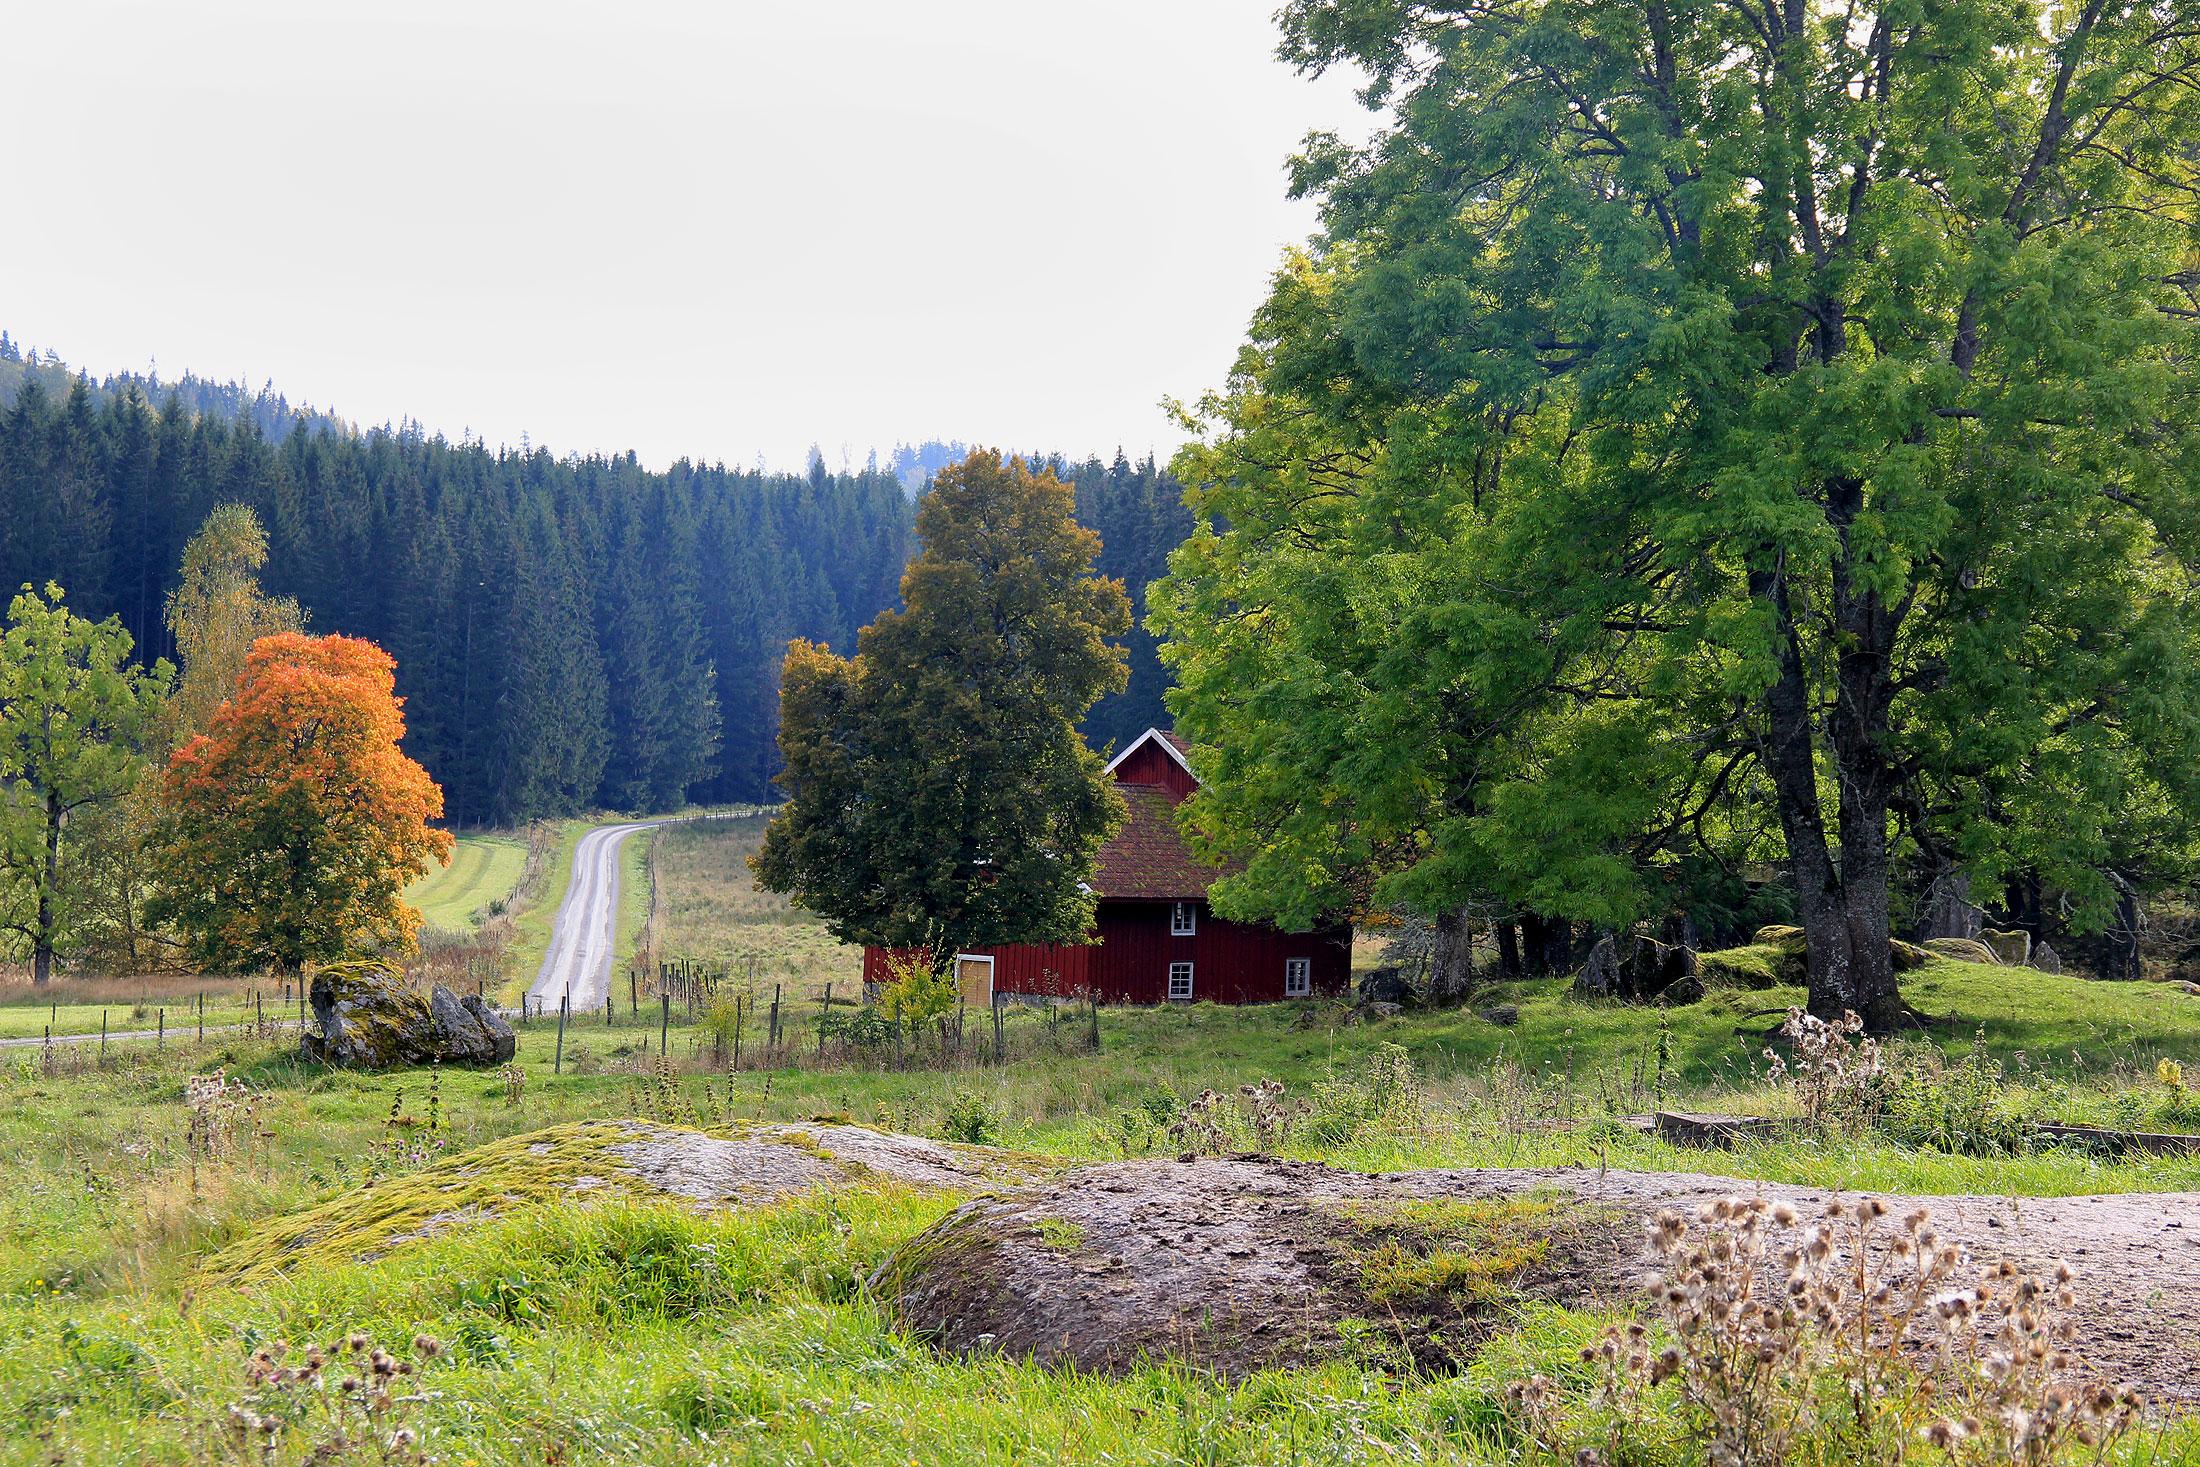 Treboda, Sweden Events Next Month | Eventbrite